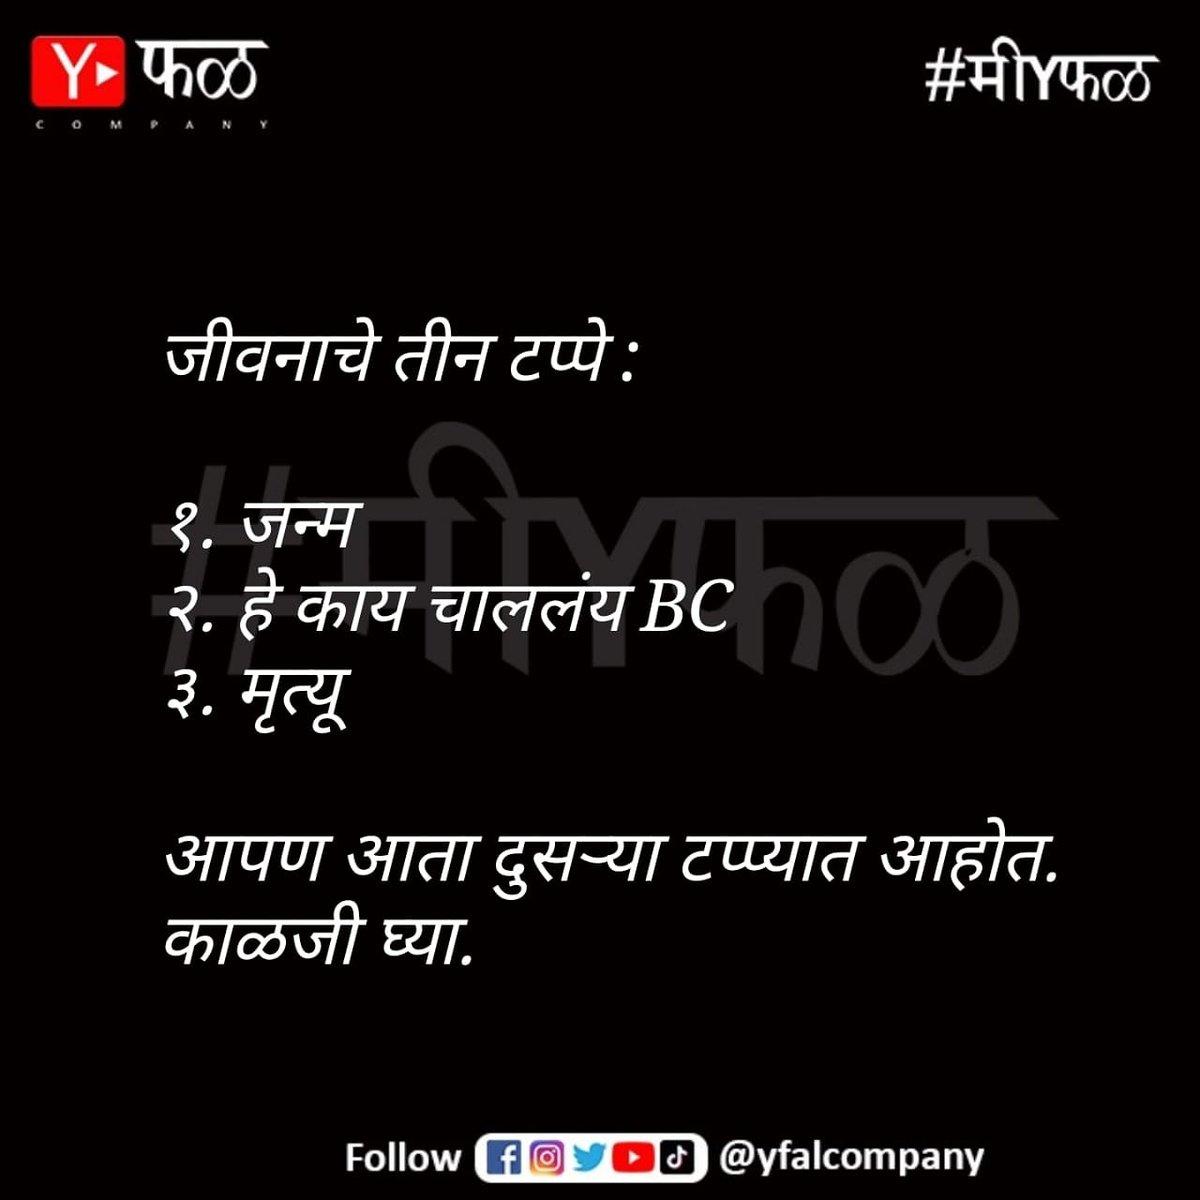 #मीYफळ #YFalCompany #marathicomedy #MarathiMemes #marathiactors #maharashtramaza #maharashtra #pune #punekar #mumbai #mimarathi #मराठी #marathibana #factsoflife #factoftheday #gyaan #Lockdown #lockdownlife #stayhome #staysafe #covid19pic.twitter.com/QumCA0pSTm